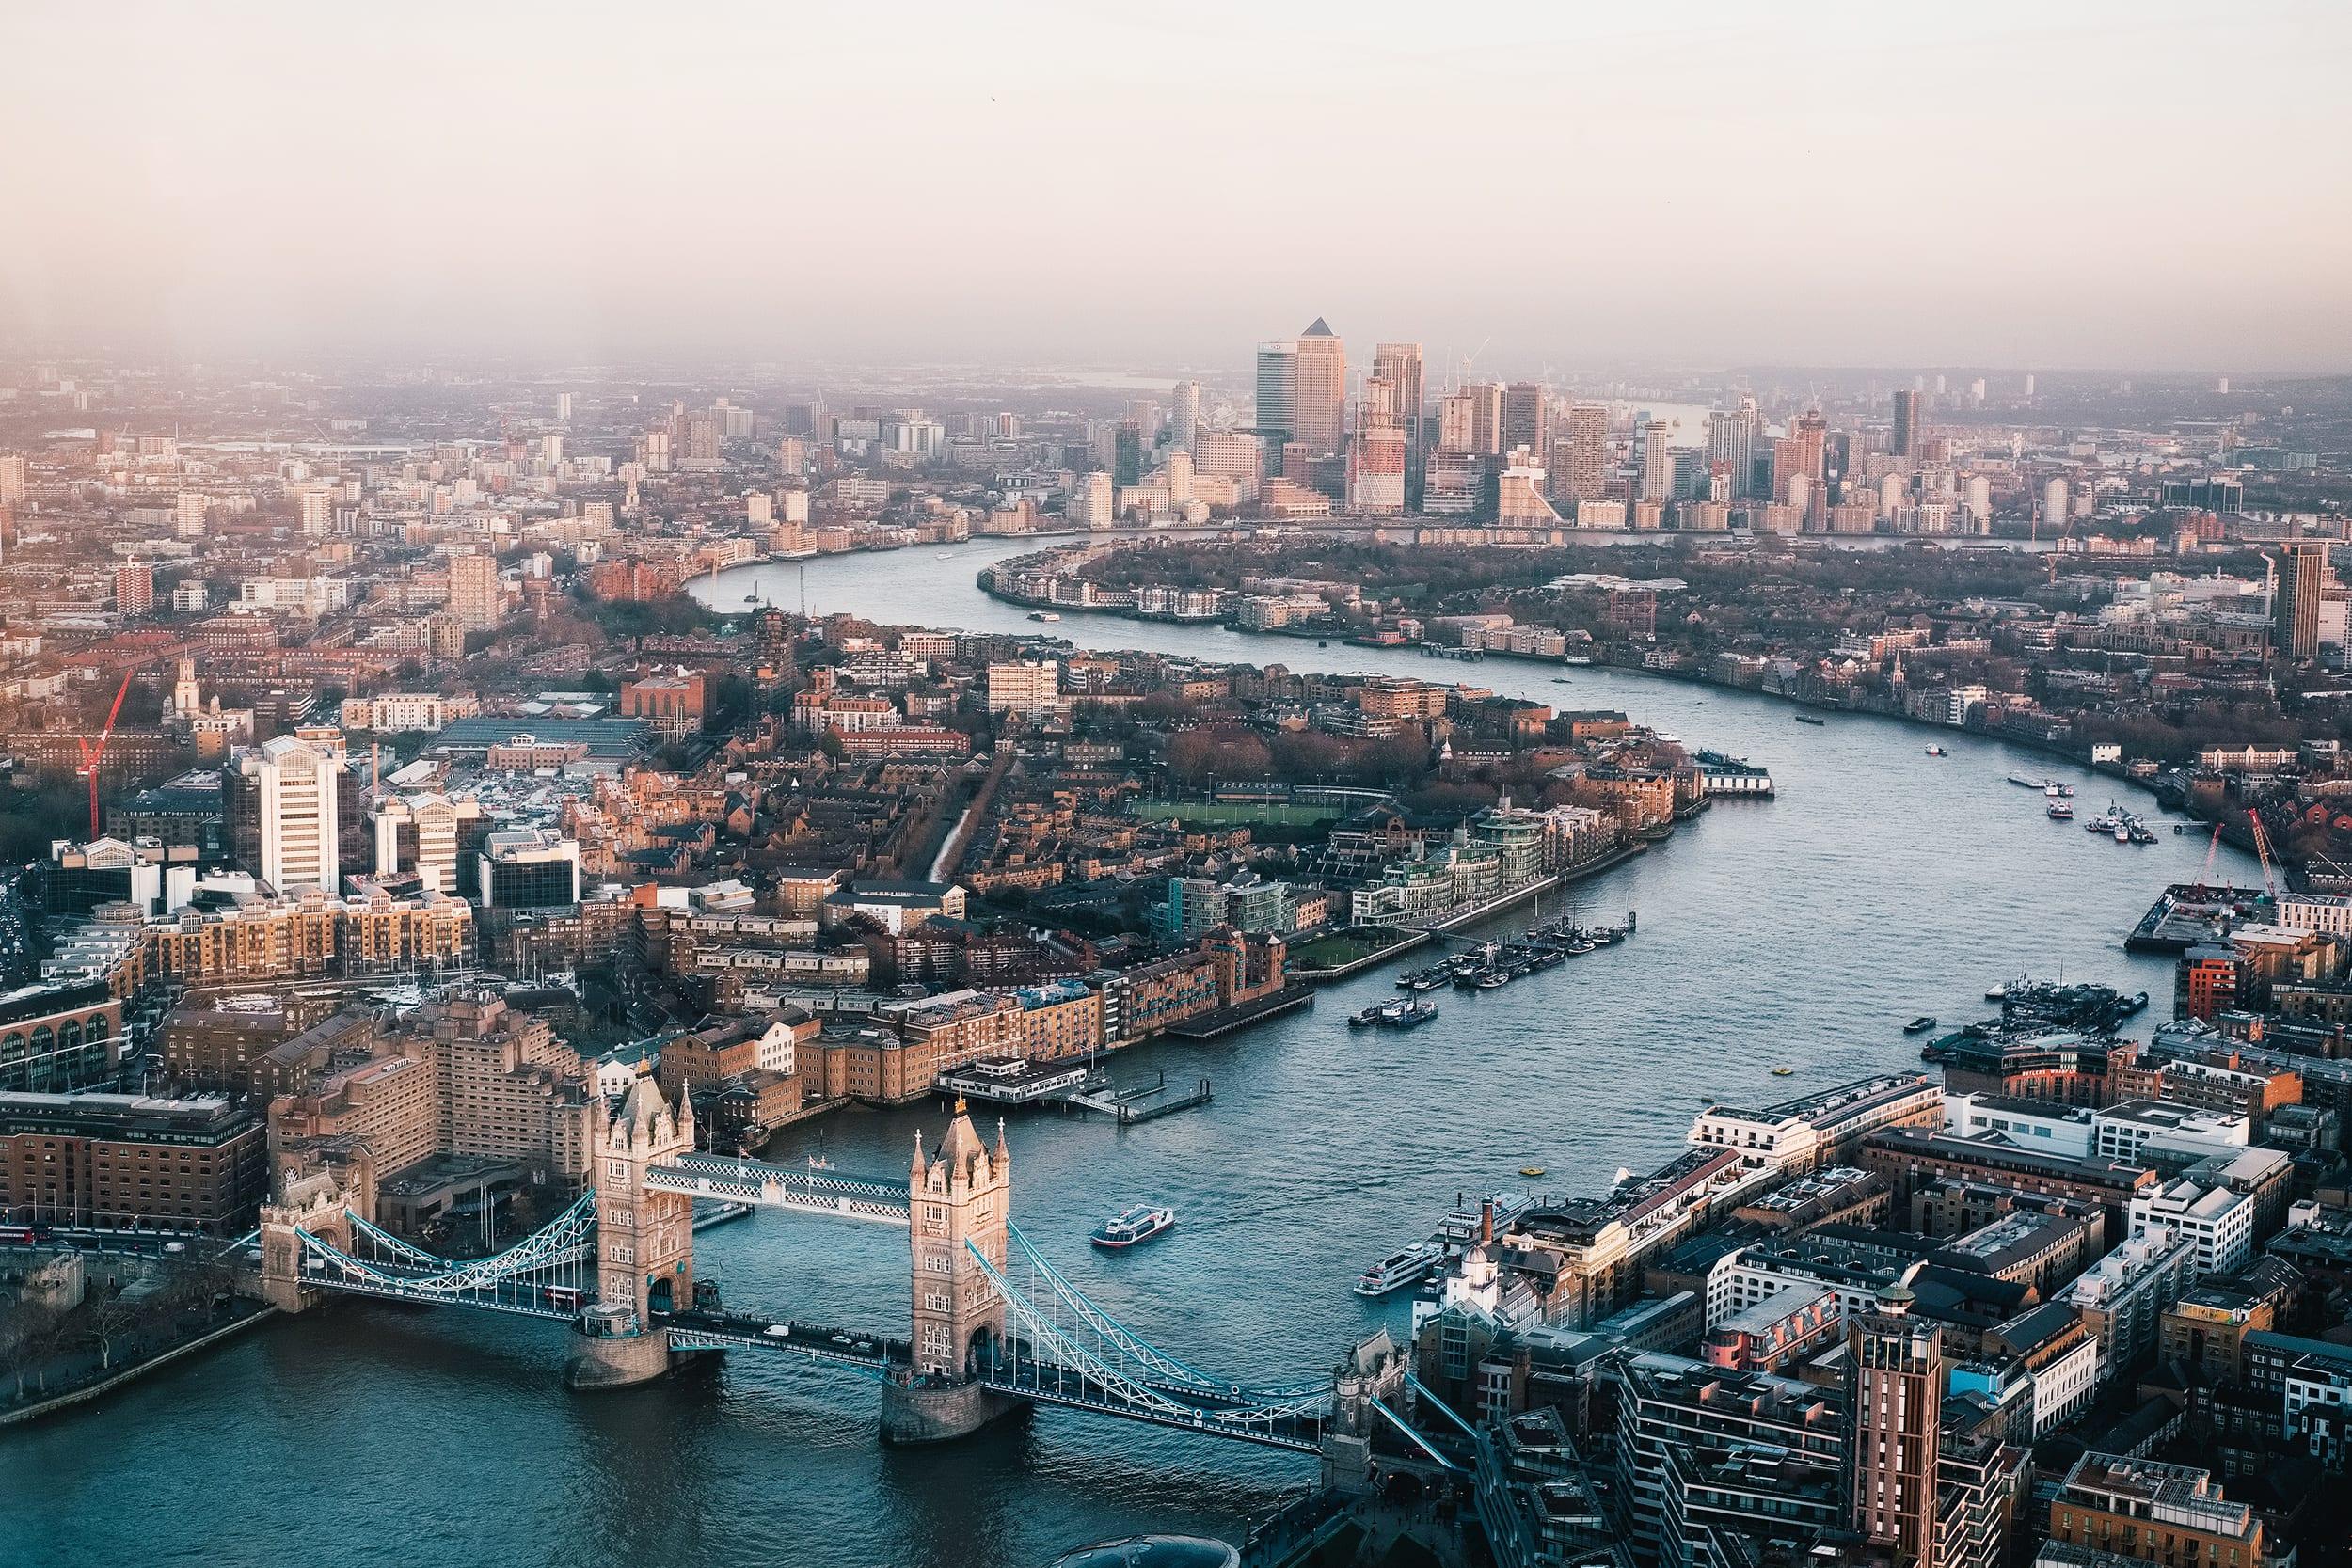 an overhead shot of London